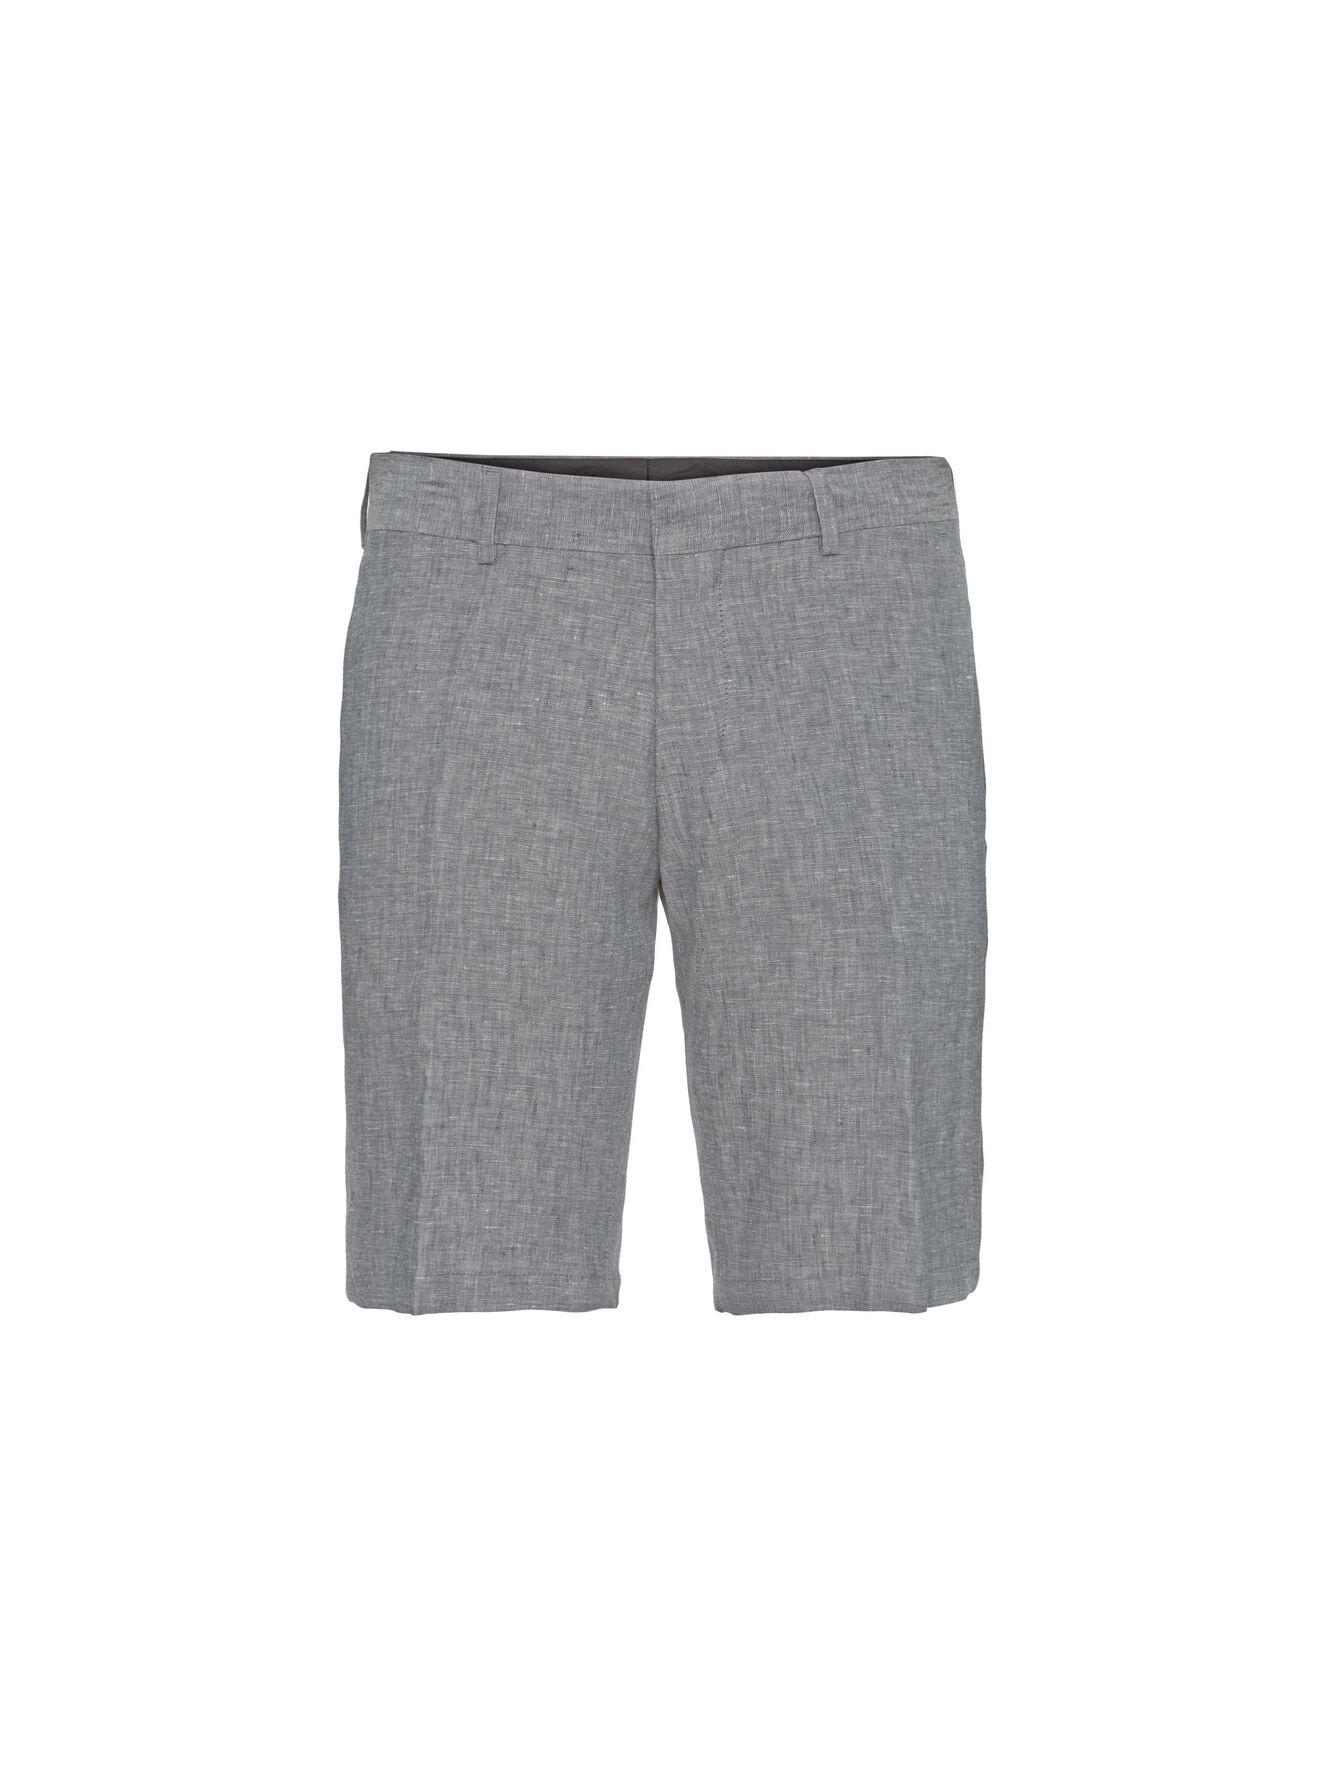 Hills 6 Shorts in Light grey melange from Tiger of Sweden